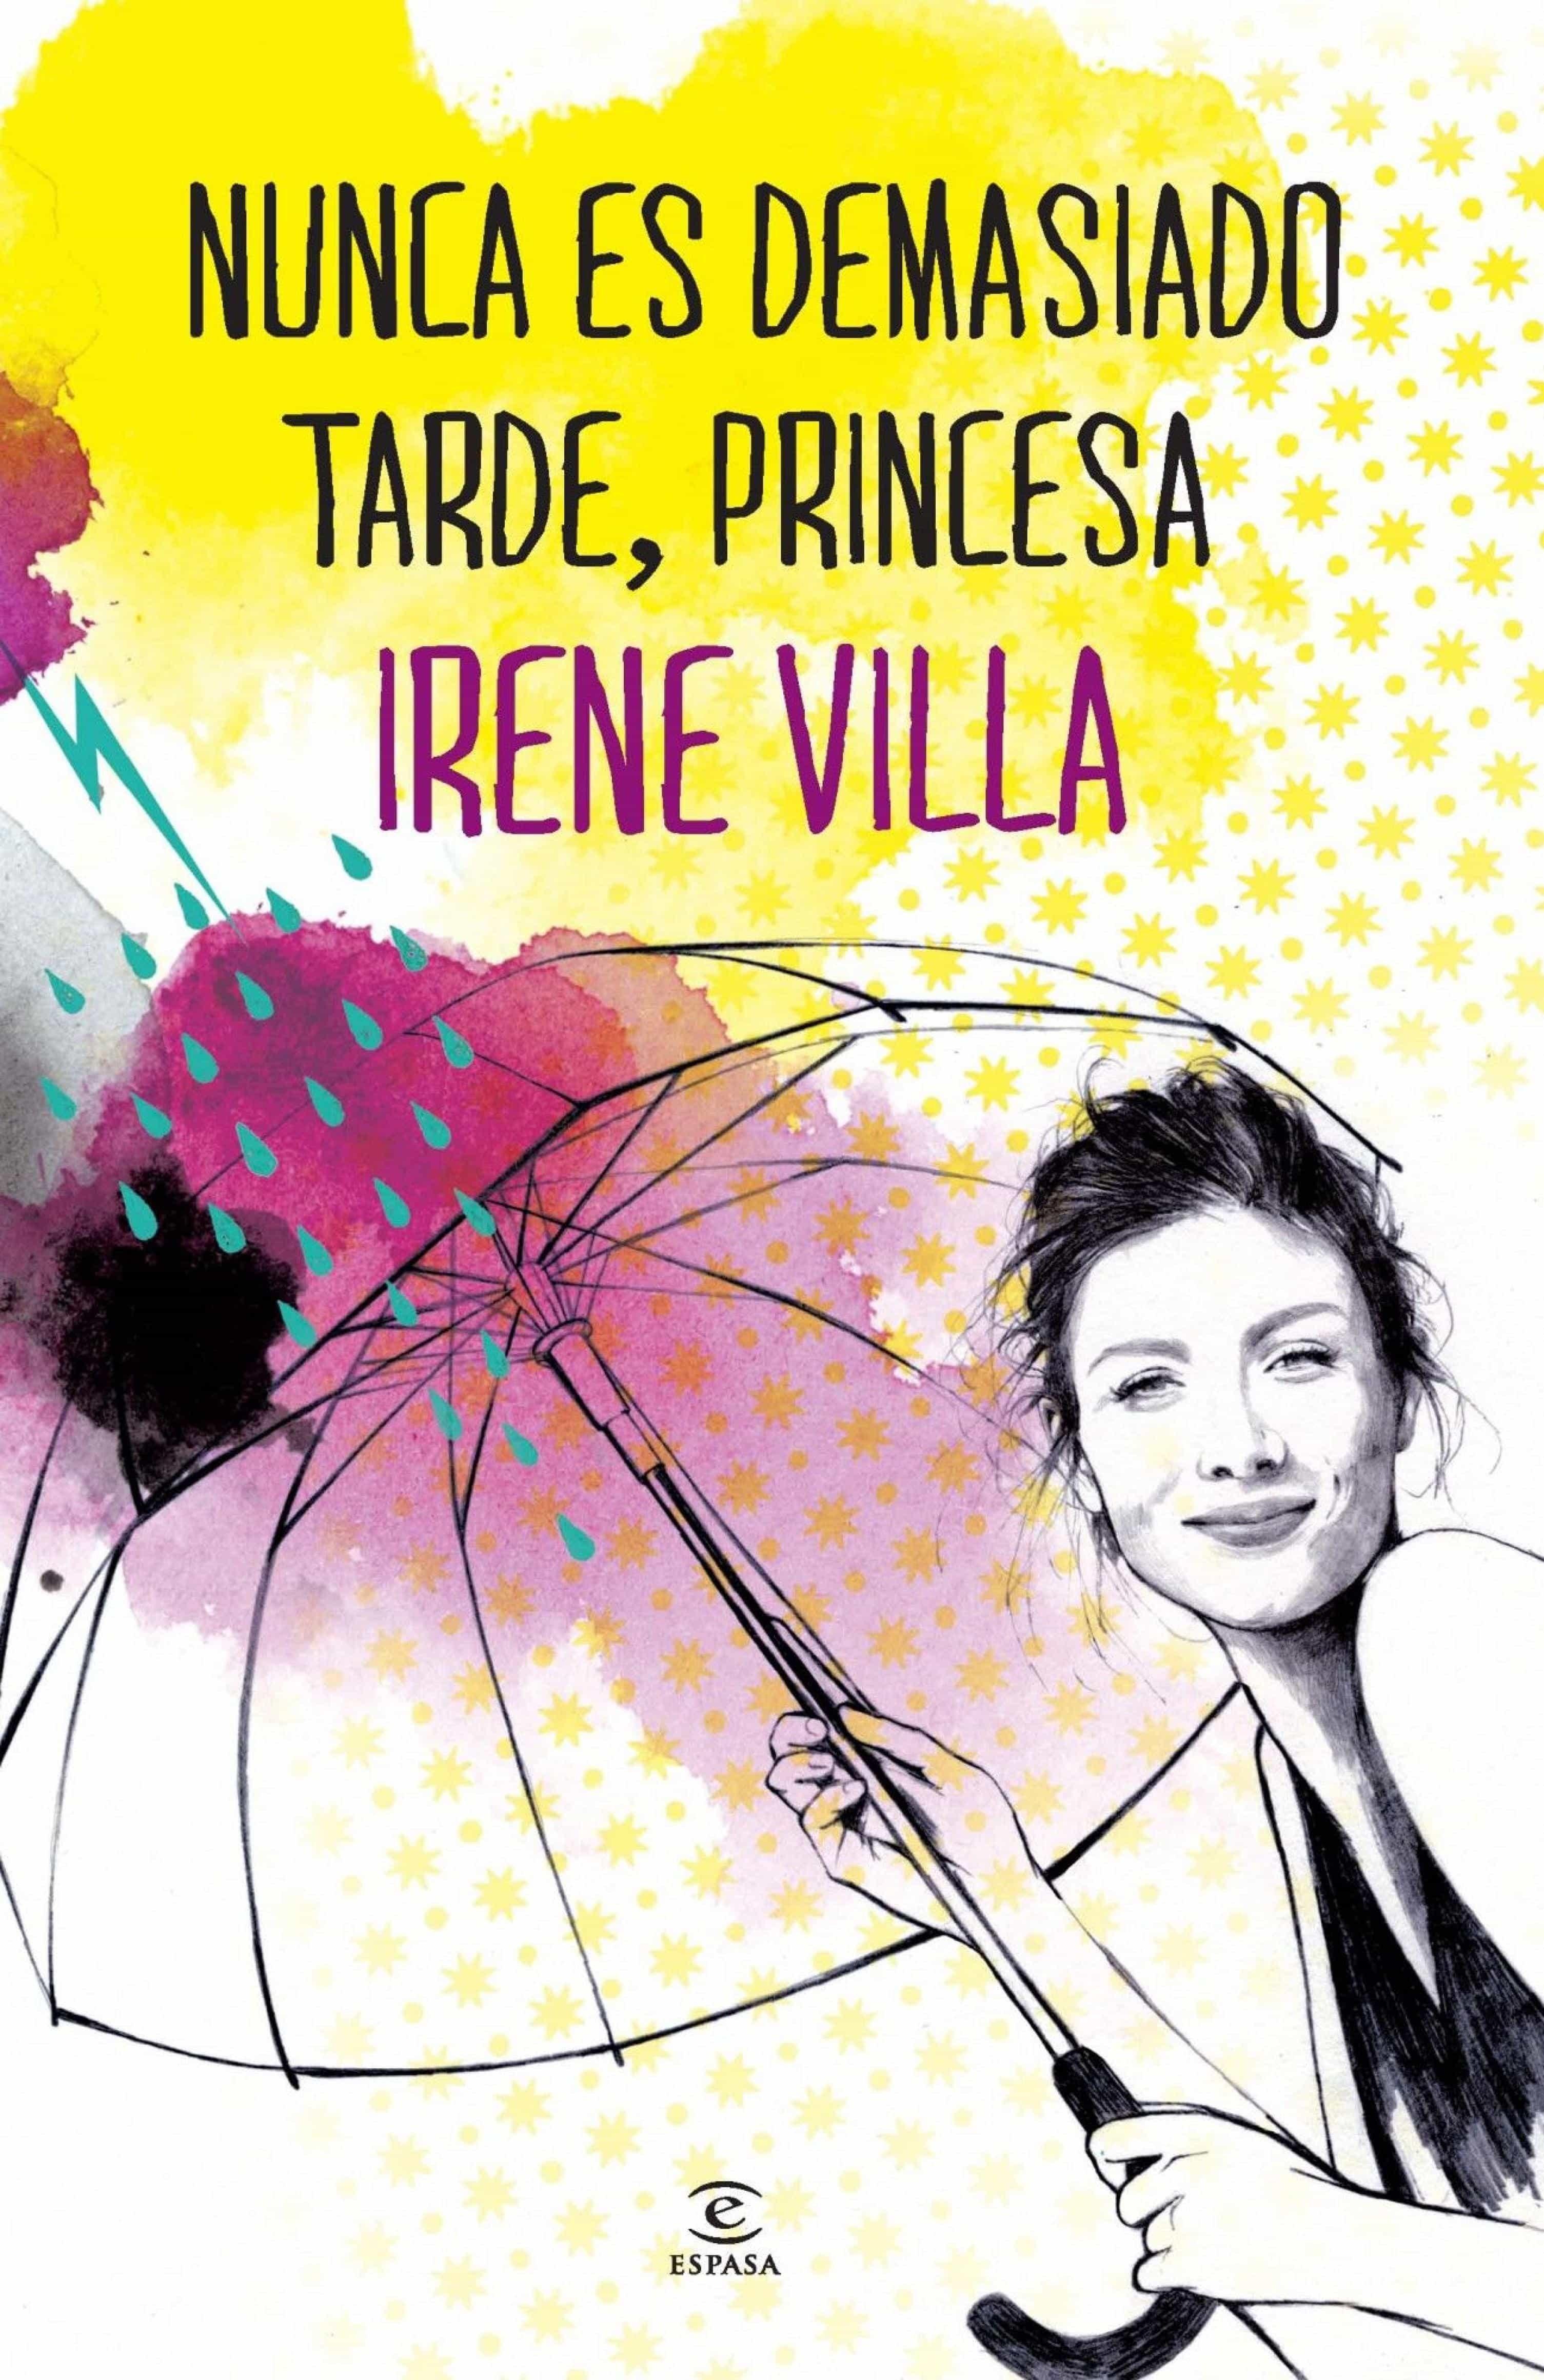 Nunca Es Demasiado Tarde, Princesa   por Irene Villa